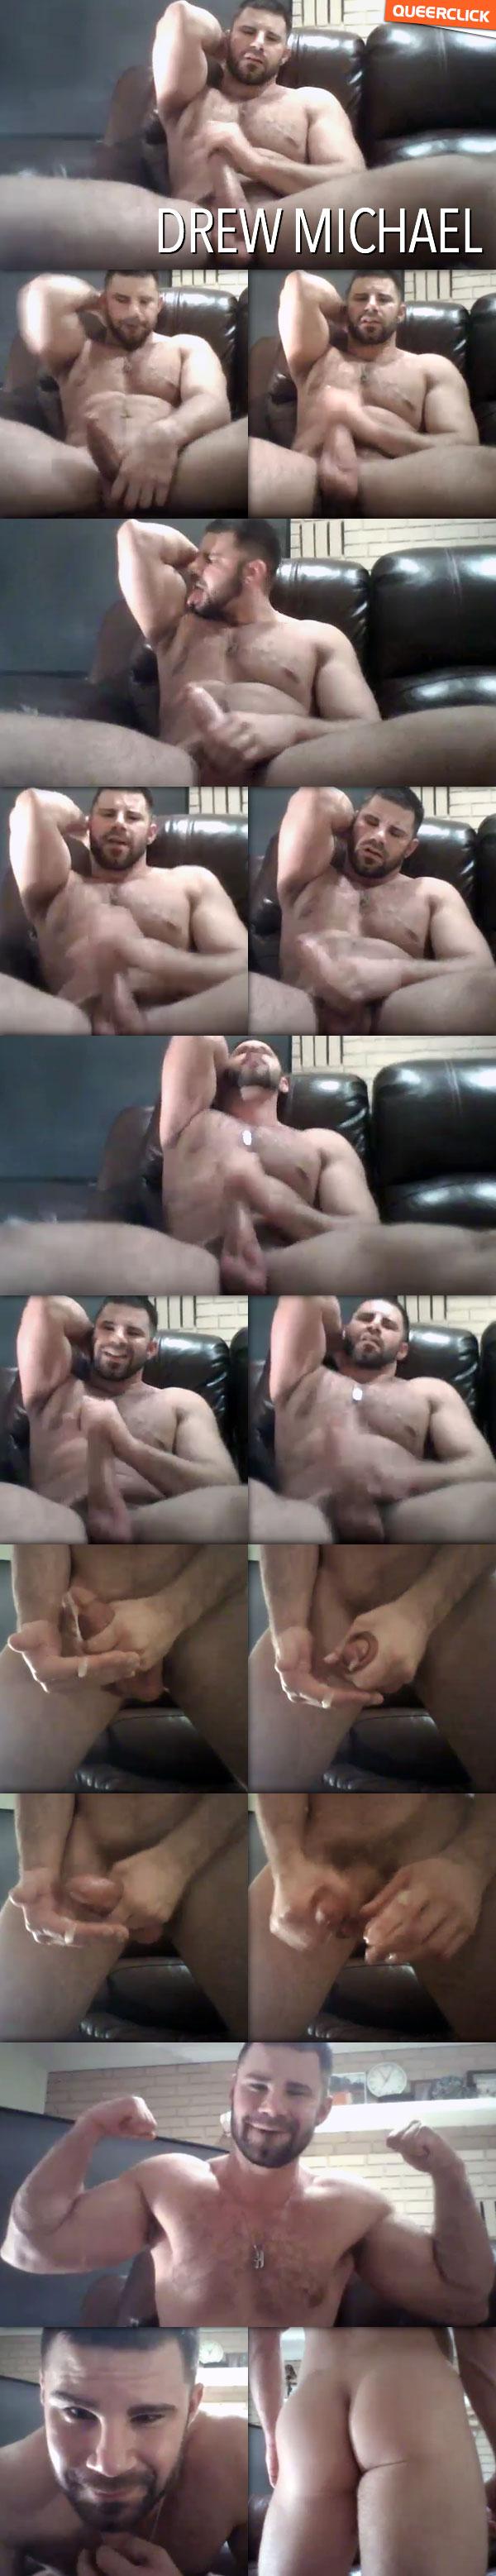 GayHoopla: Drew Michael